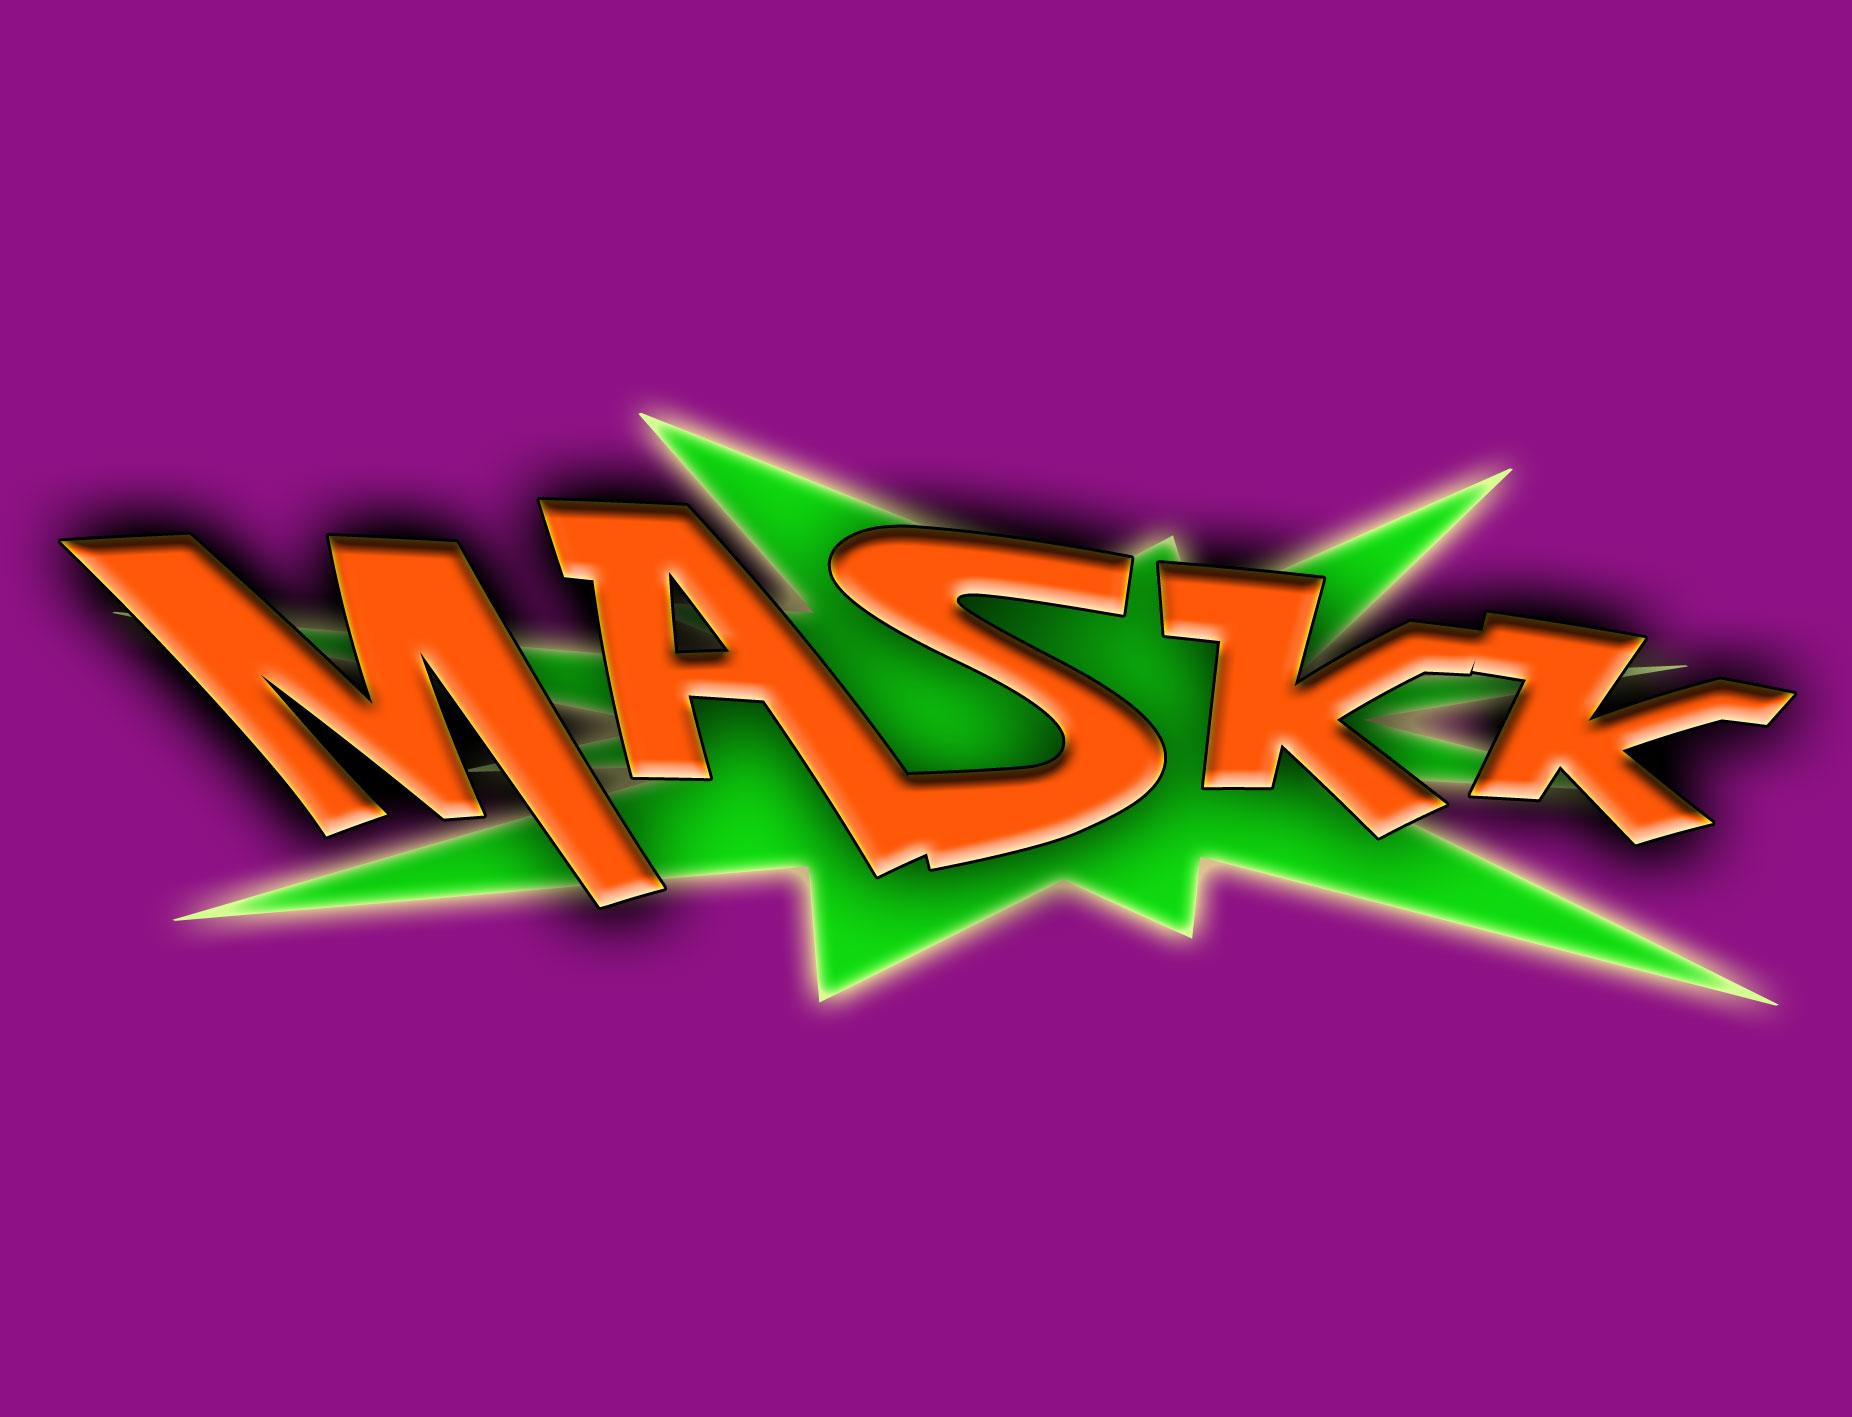 MASKK